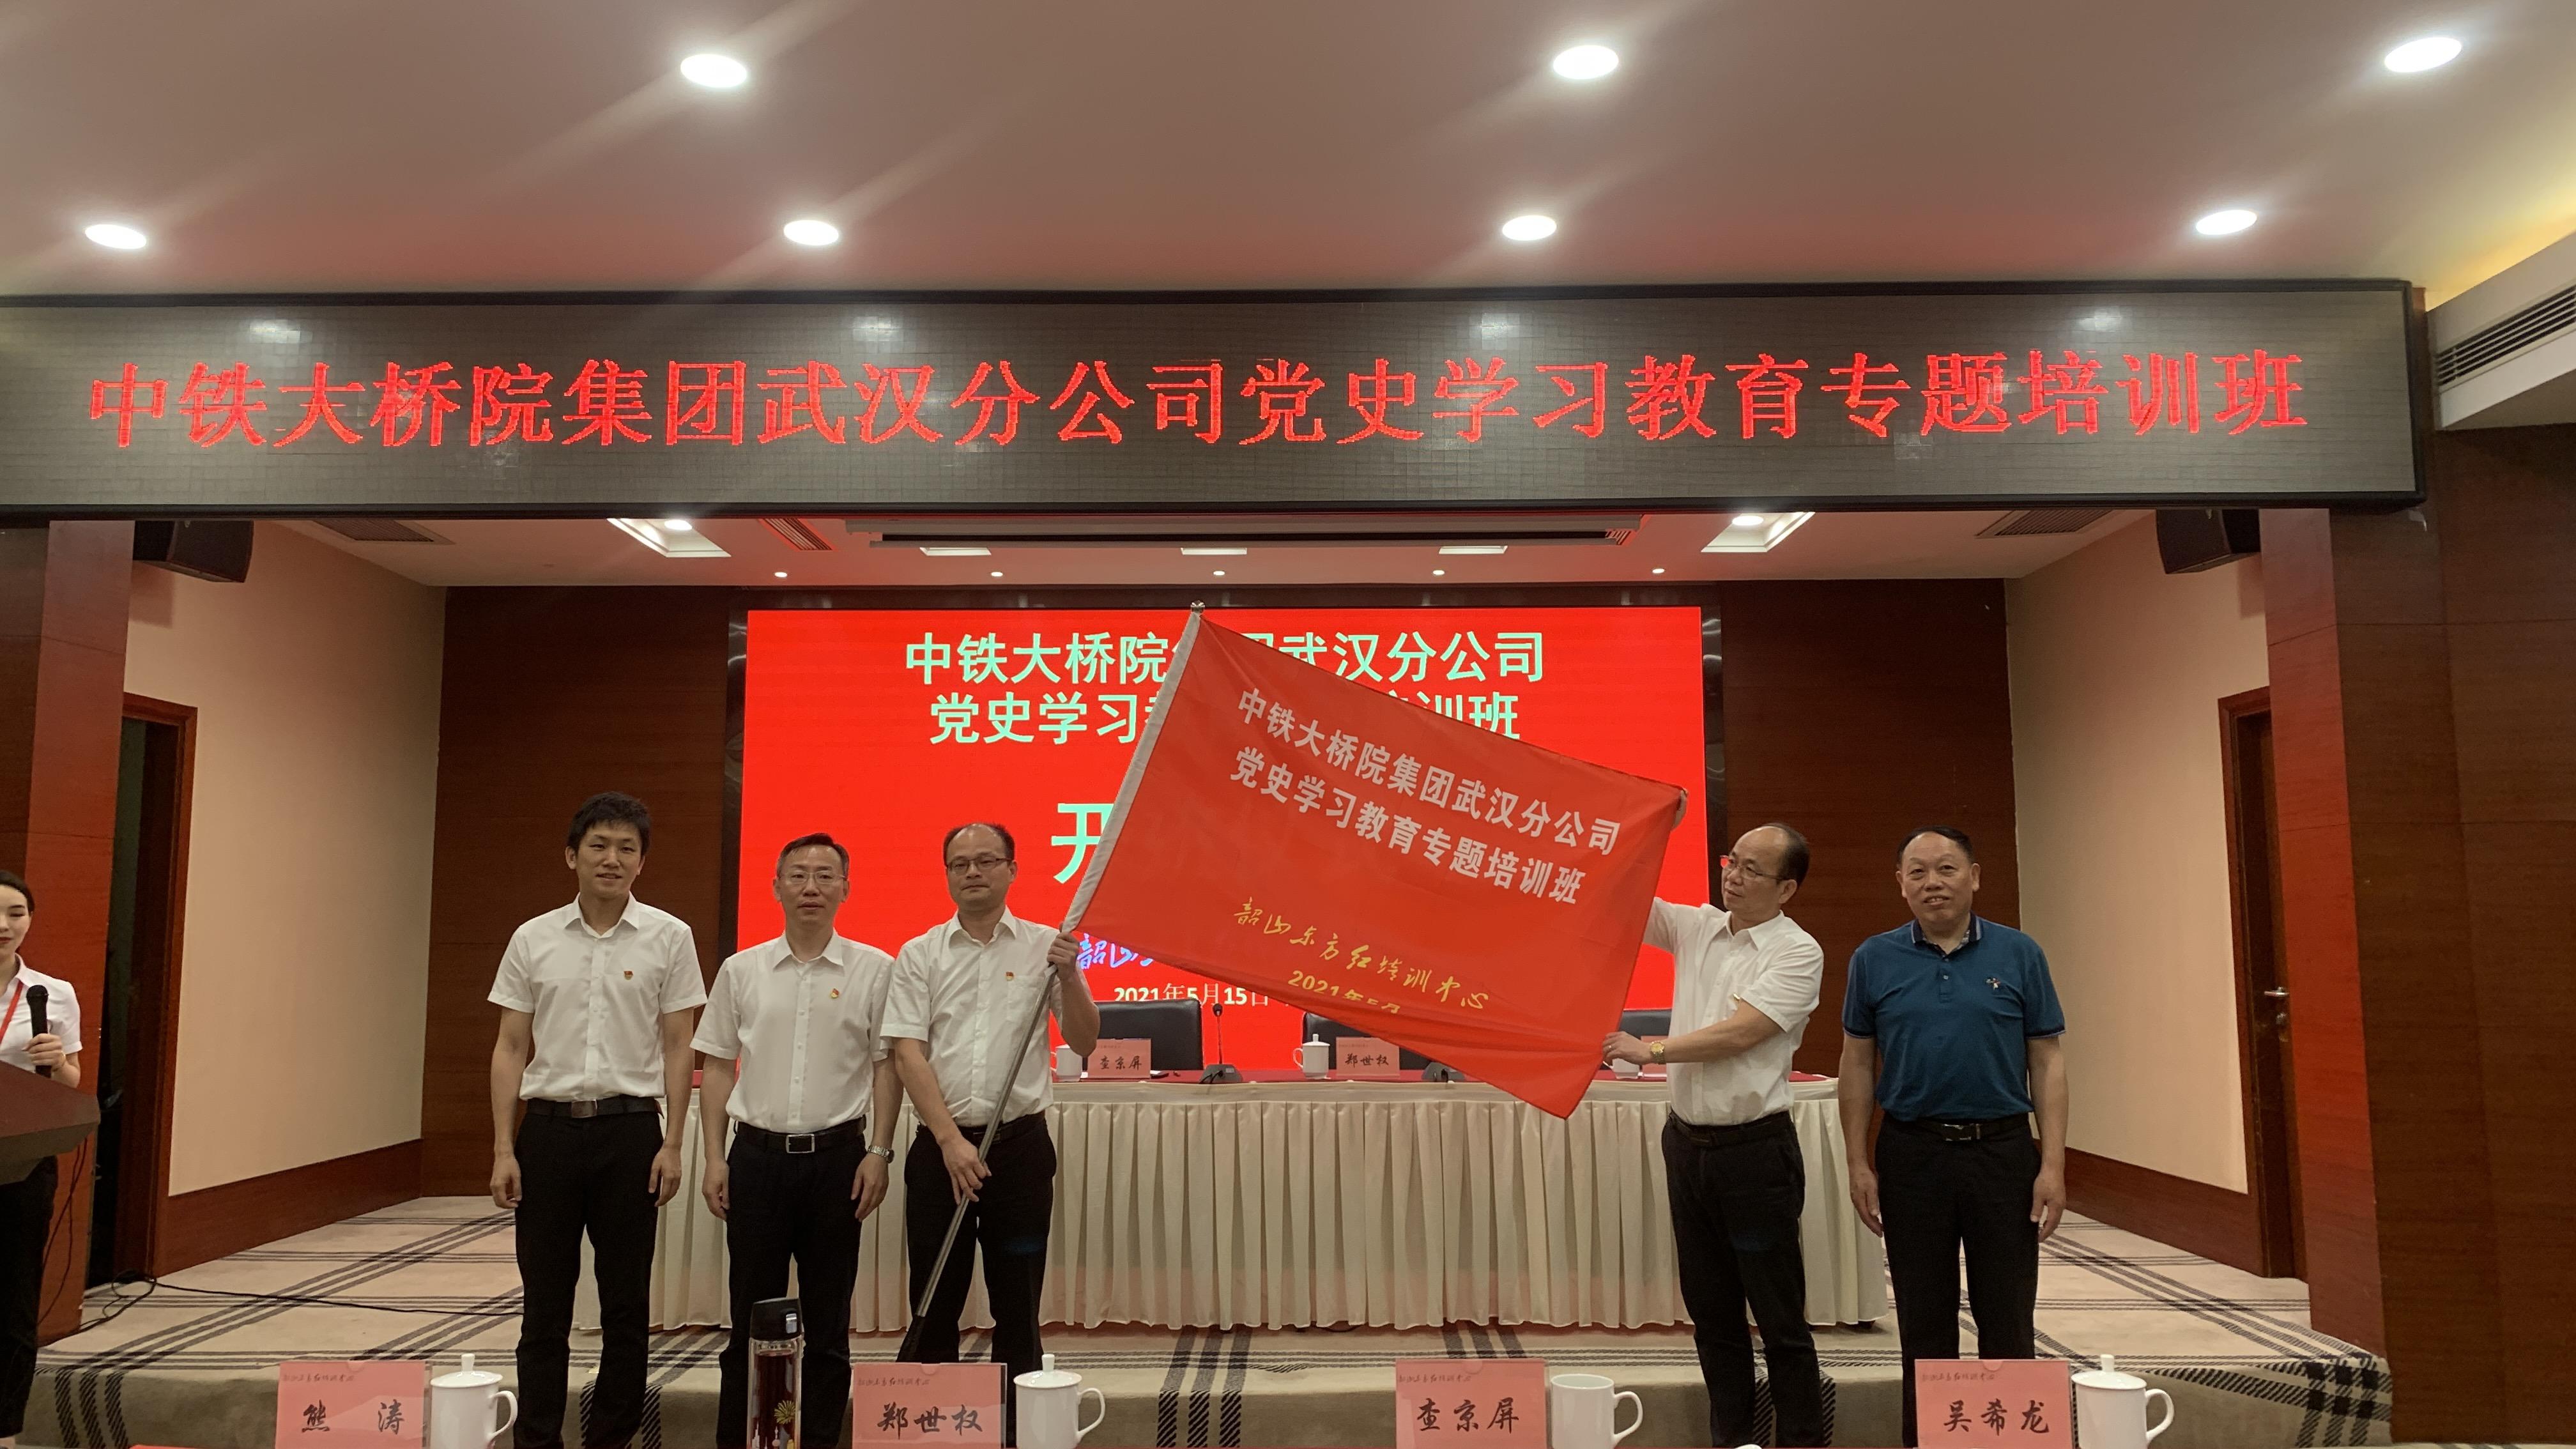 5月14日-16日中铁大桥院集团武汉分公司在韶山开展党史学习教育专题培训